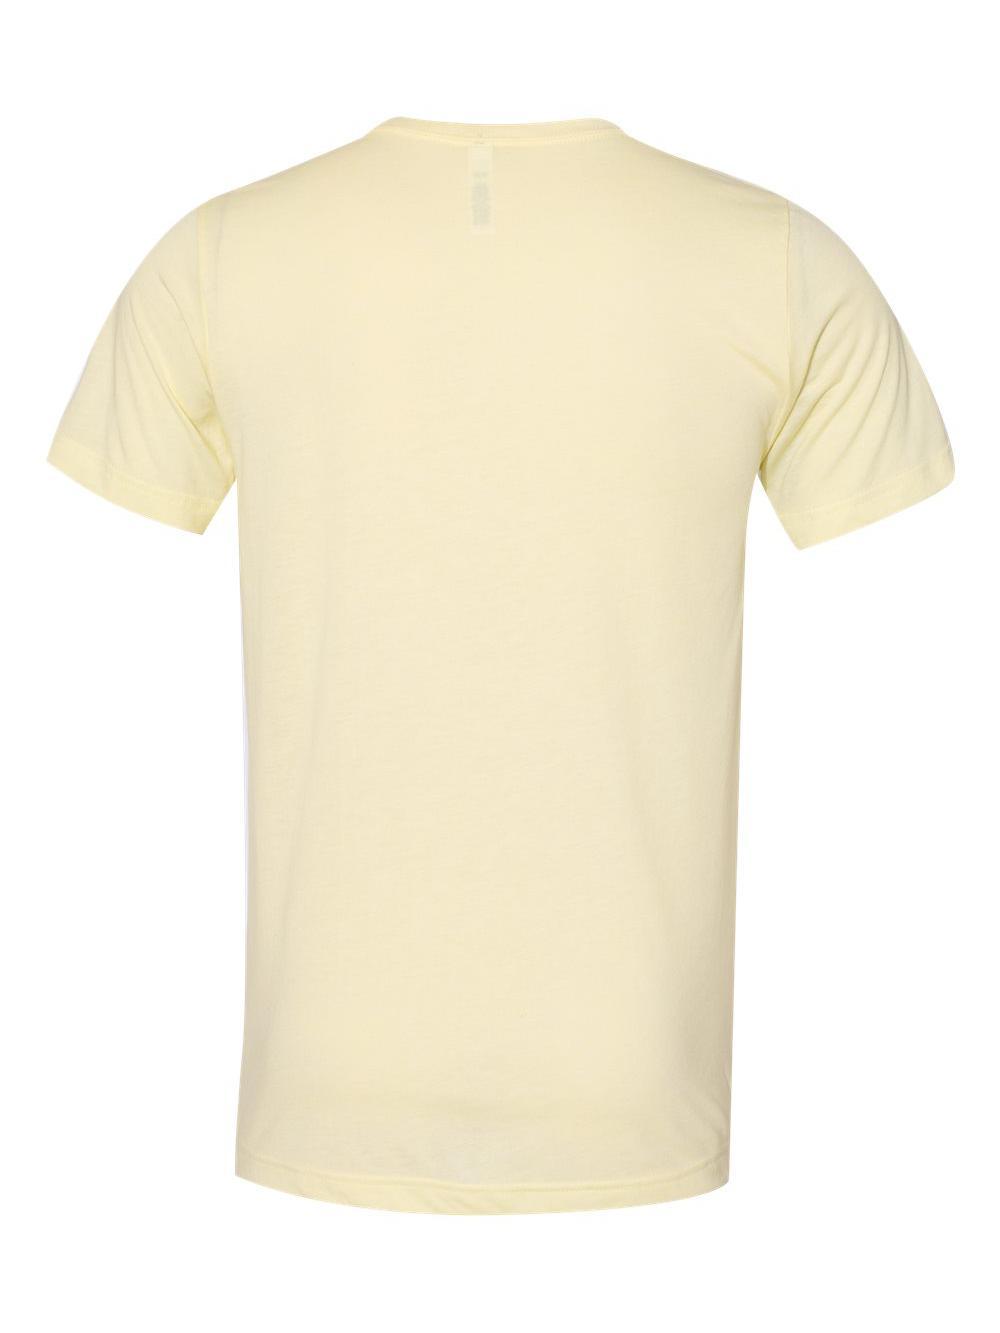 Bella-Canvas-Unisex-Triblend-Short-Sleeve-Tee-3413 thumbnail 73